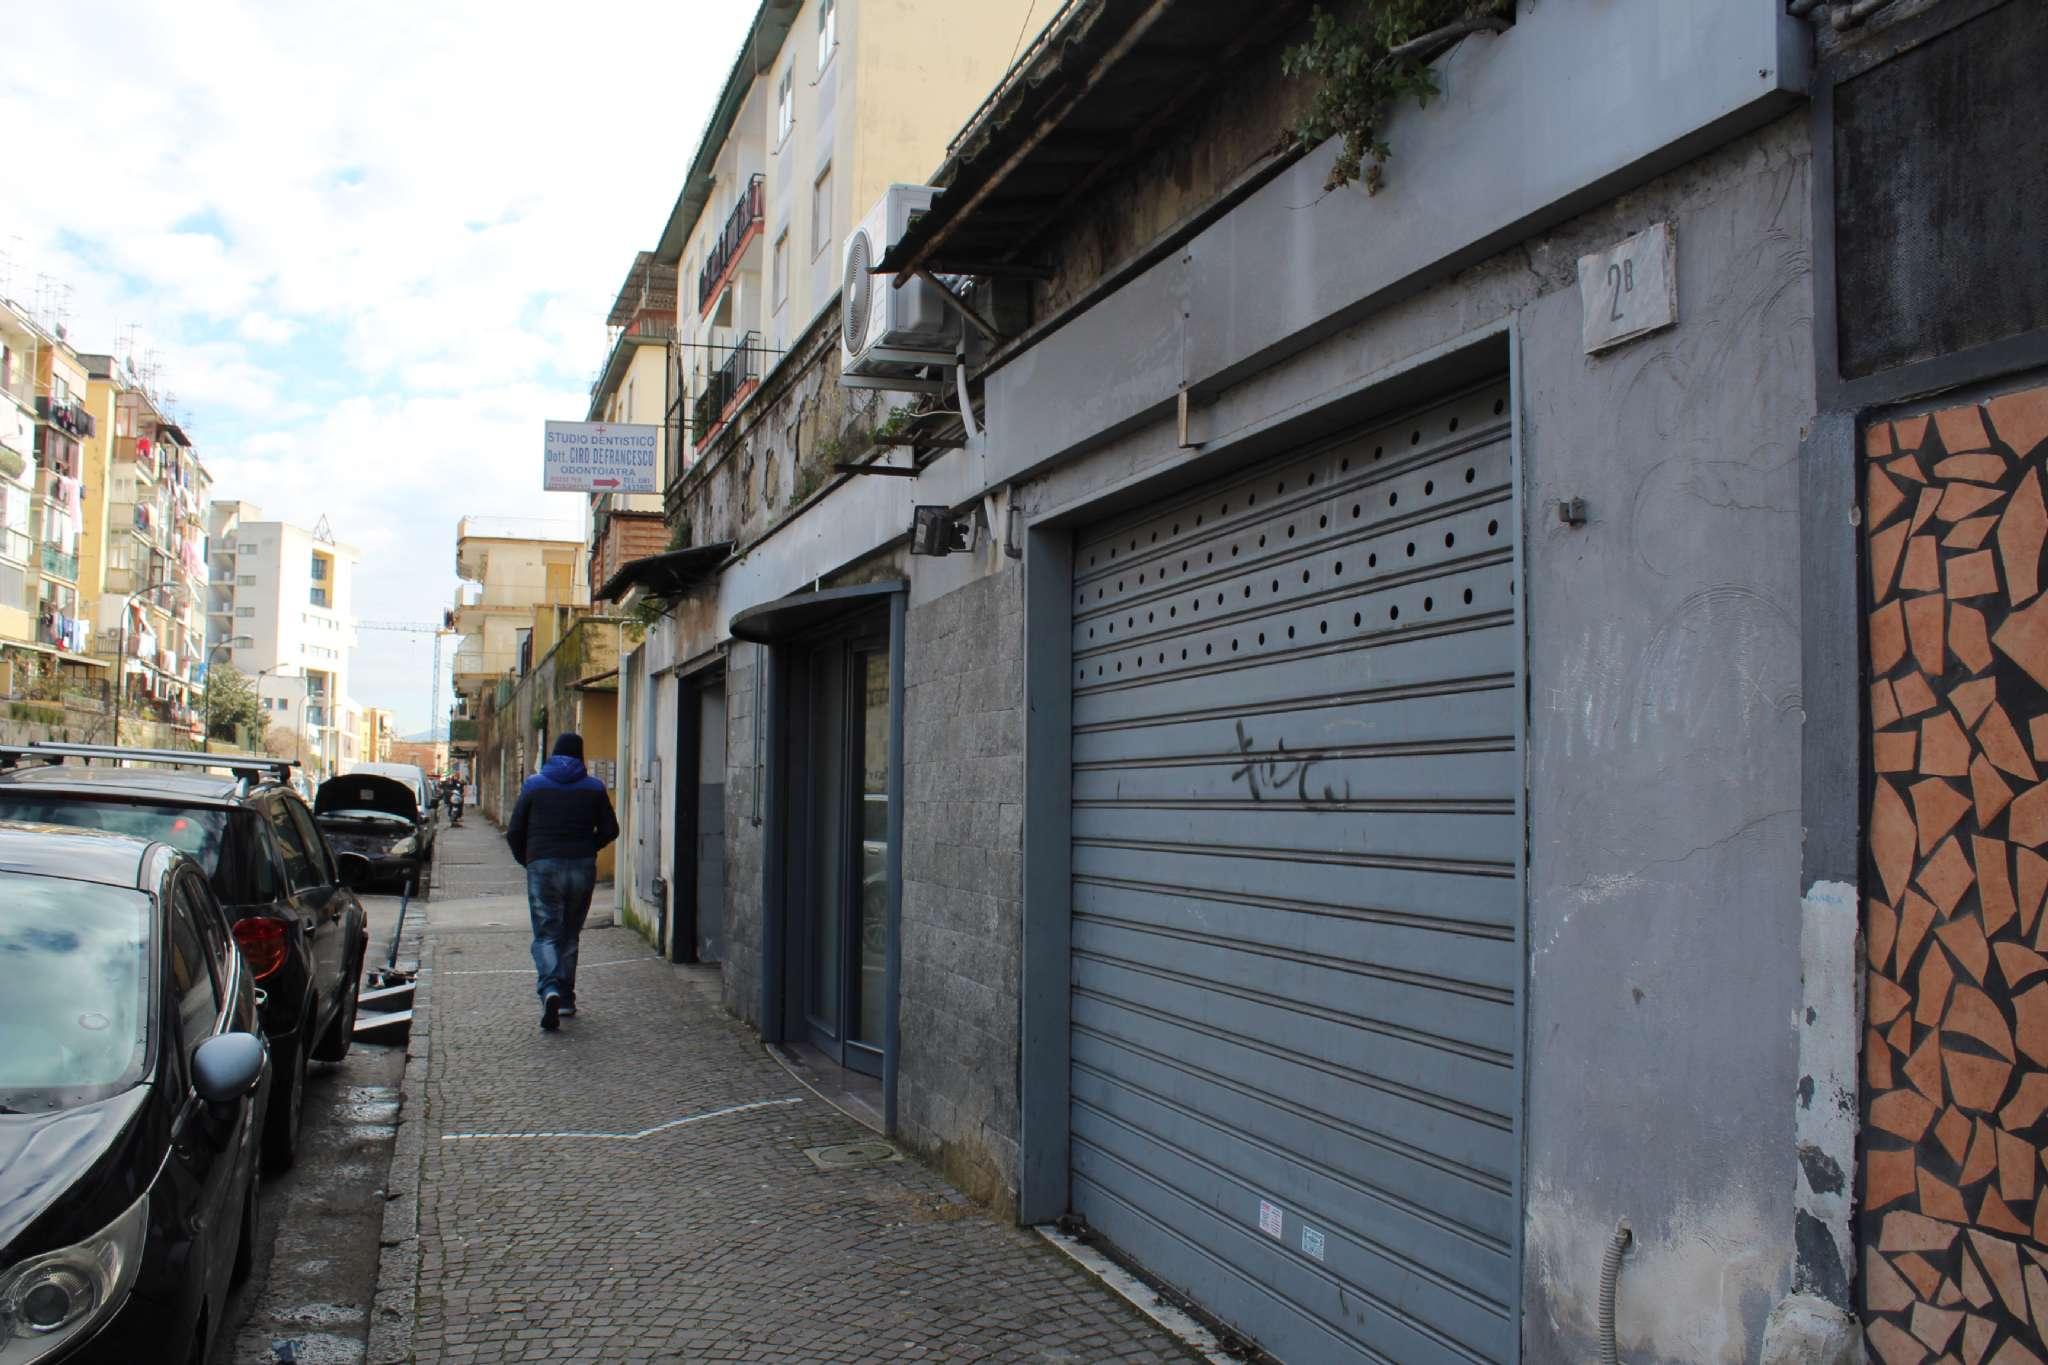 Napoli Vendita COMMERCIALI Immagine 1